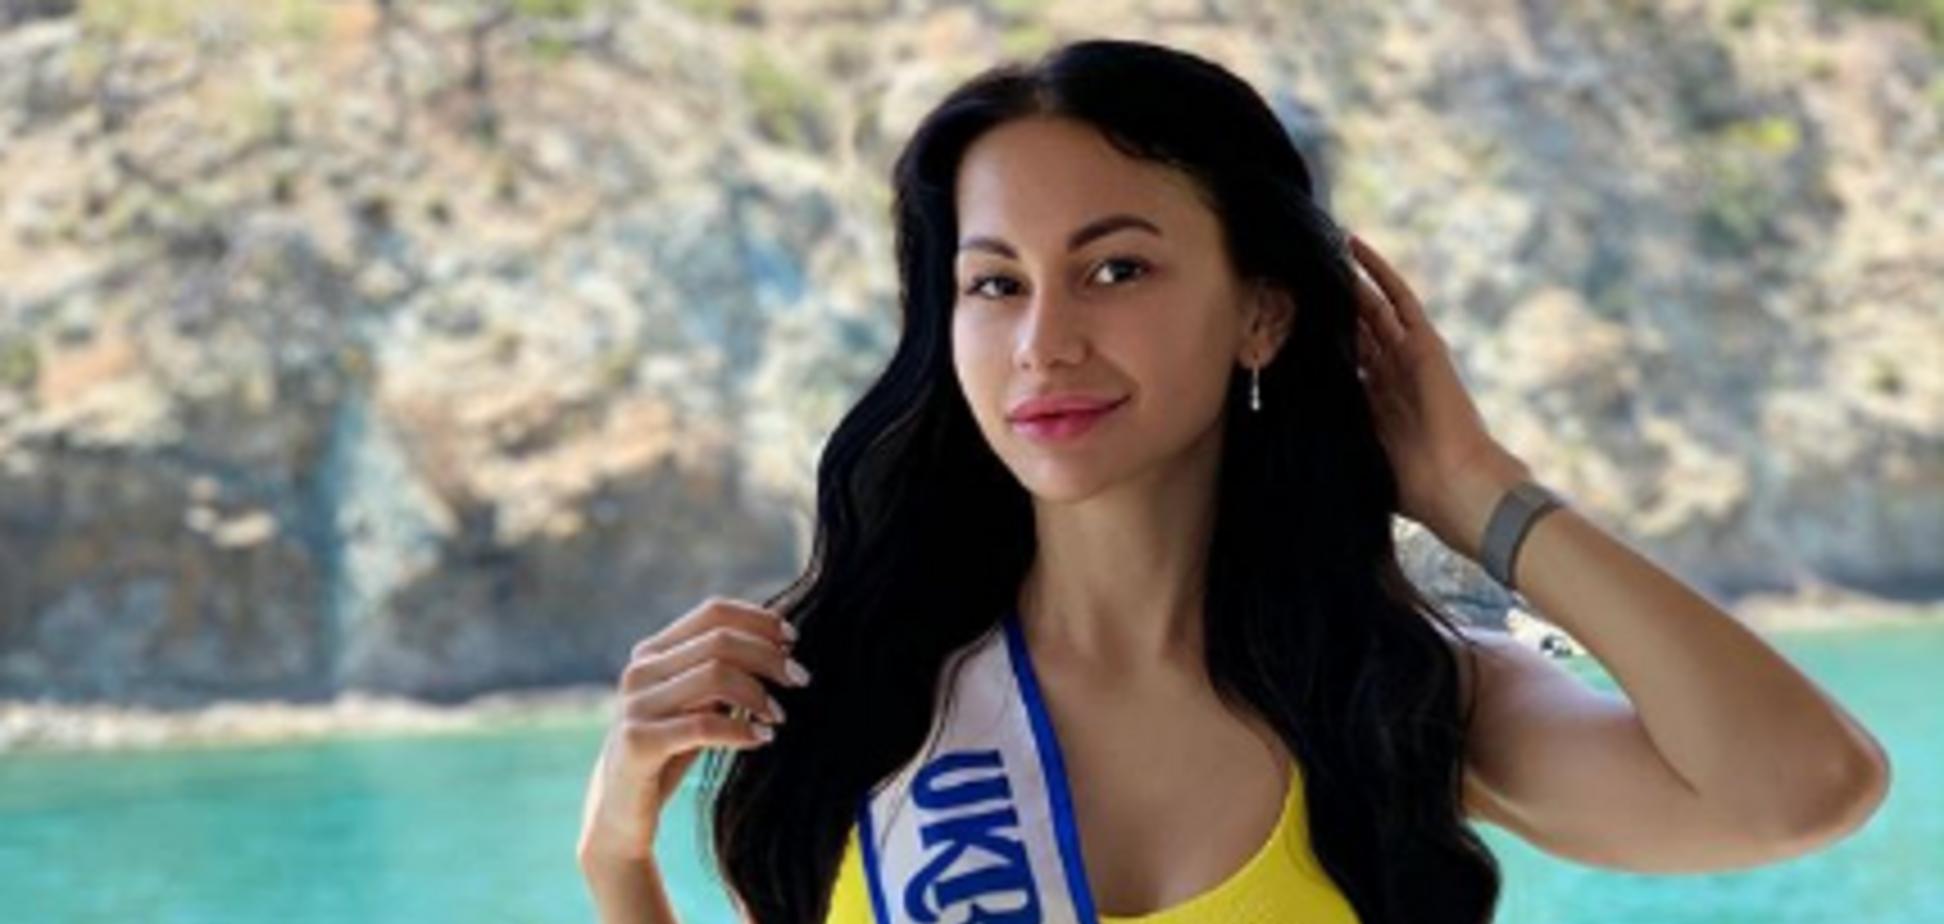 У 'Мисс Евразия-2019' из Украины украли победную корону: модель сделала сенсационное заявление